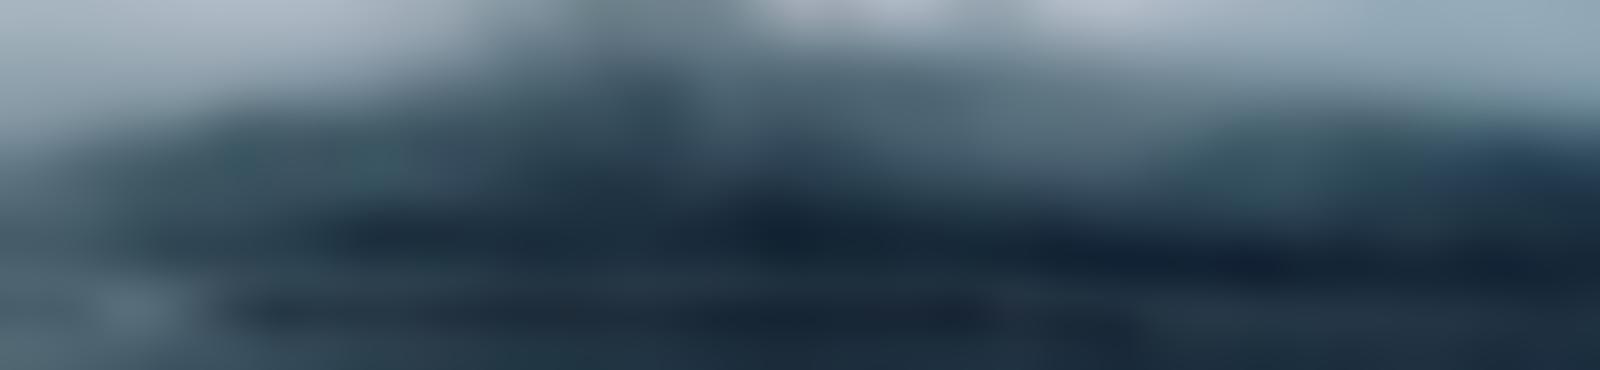 Blurred b8ae6460 9937 46a0 9316 ae030c99f889